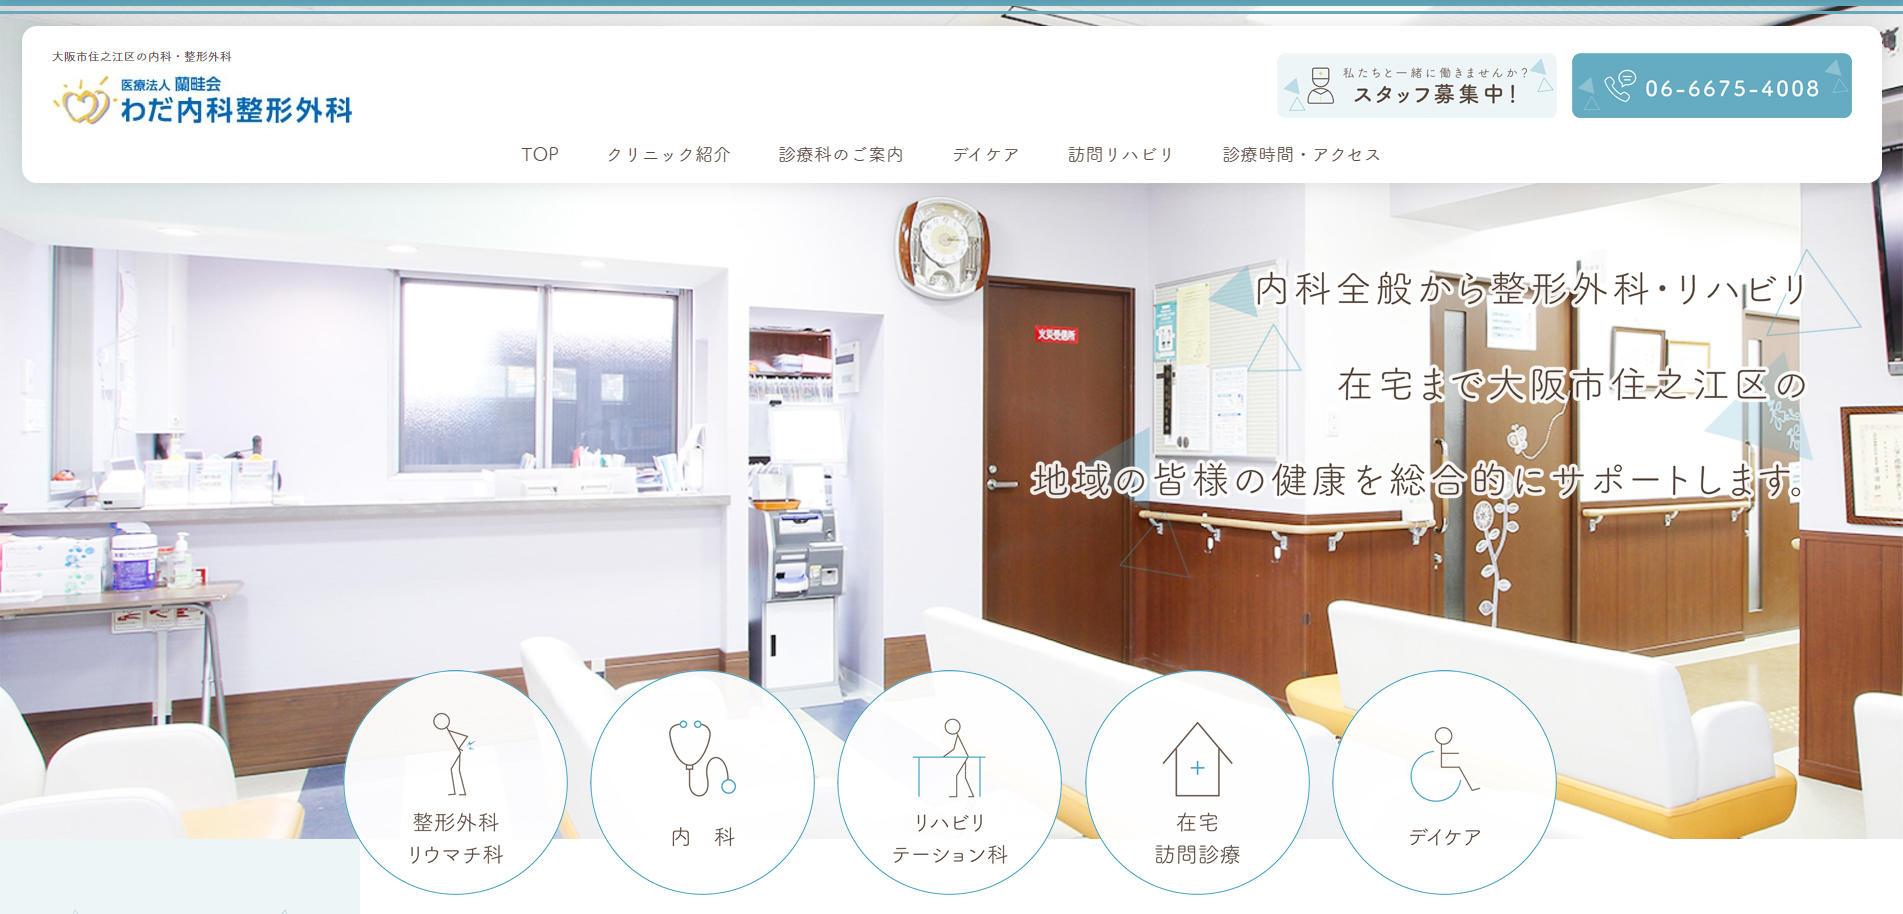 わだ内科整形外科ホームページ